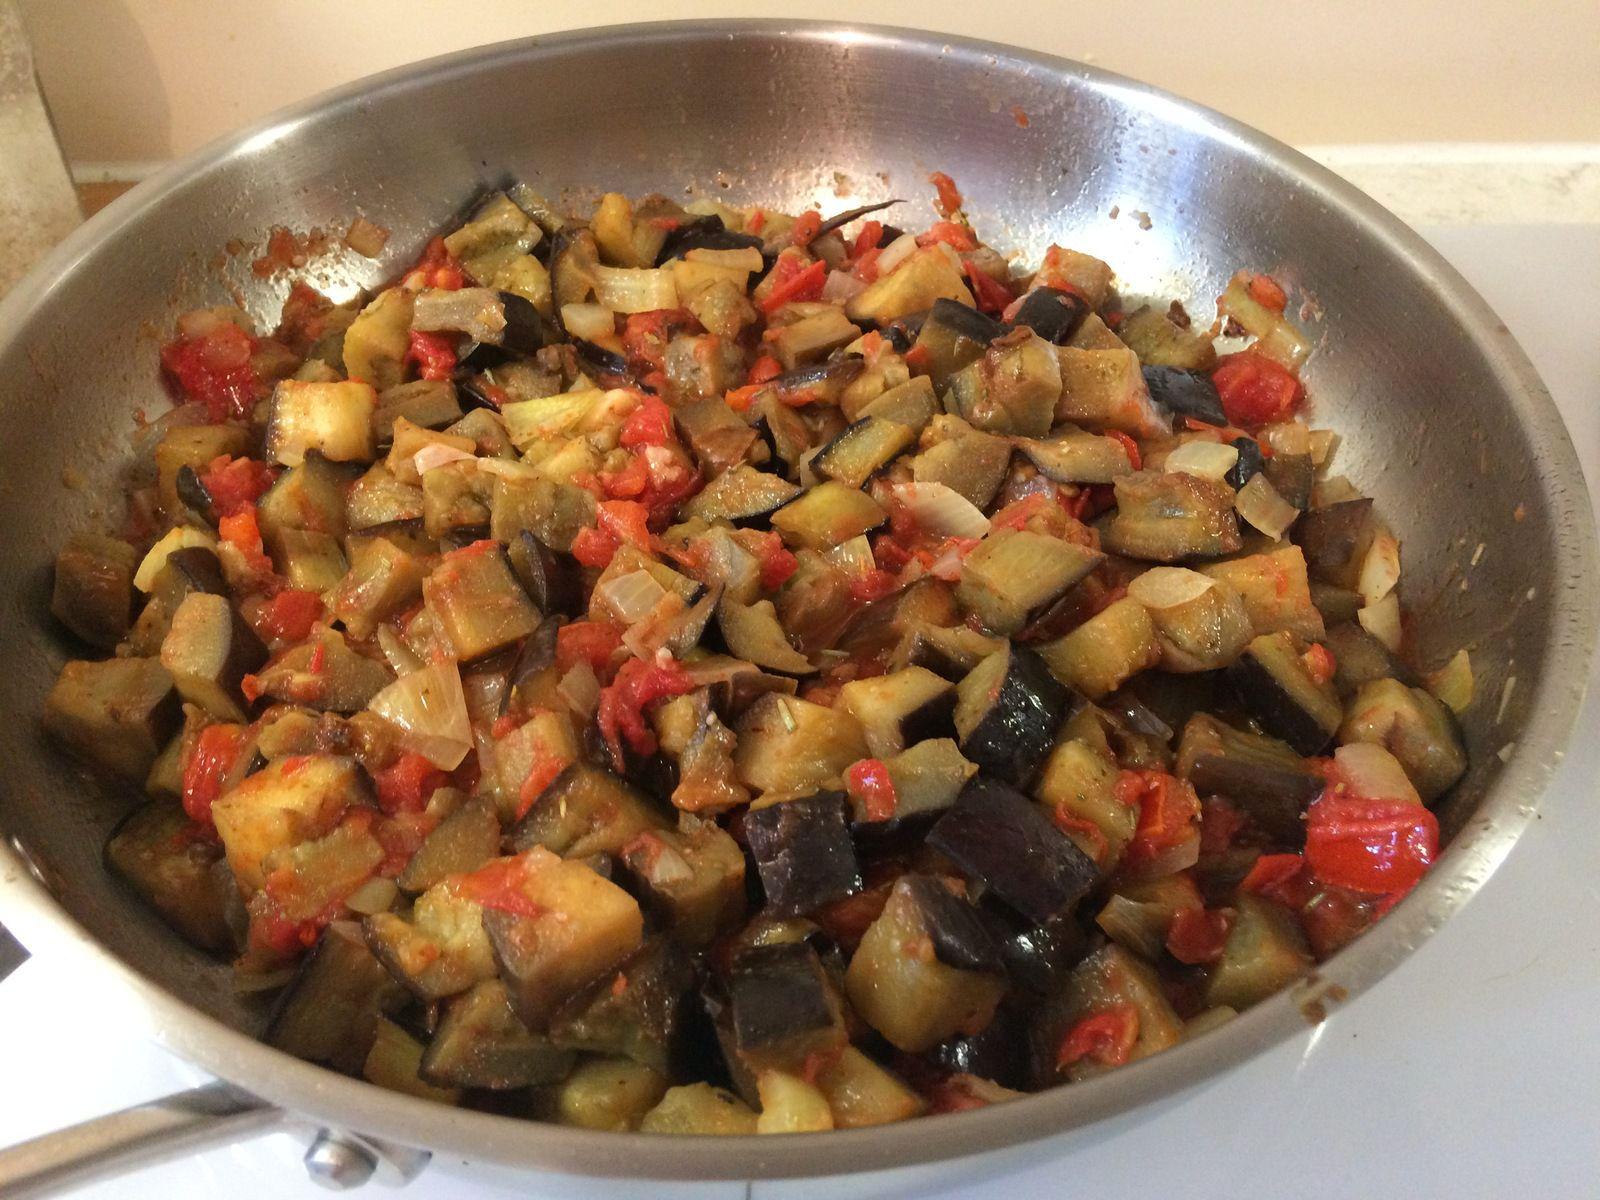 ...on y ajoute les cubes d'aubergines et on cuit encore environ 5 mn.